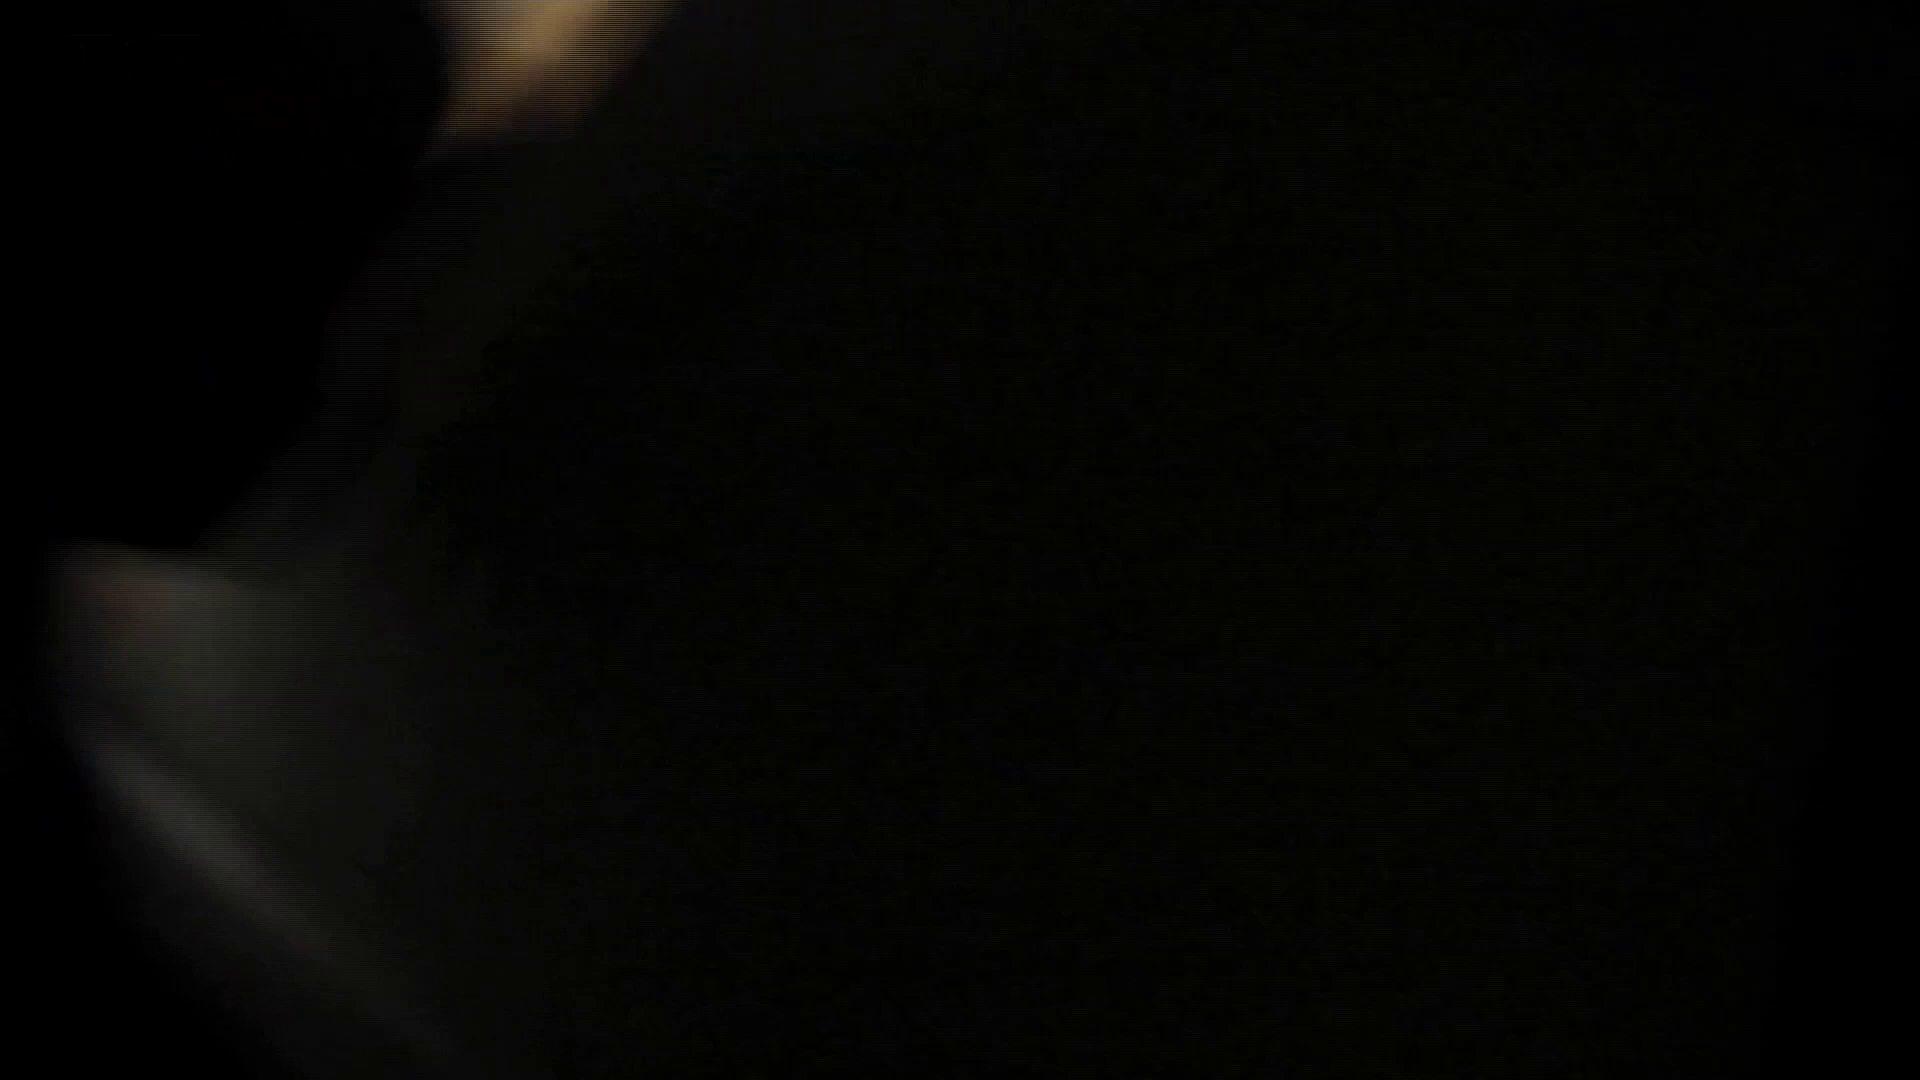 ステーション編 vol40 更に画質アップ!!無料動画のモデルつい登場3 盛合せ ヌード画像 85枚 39